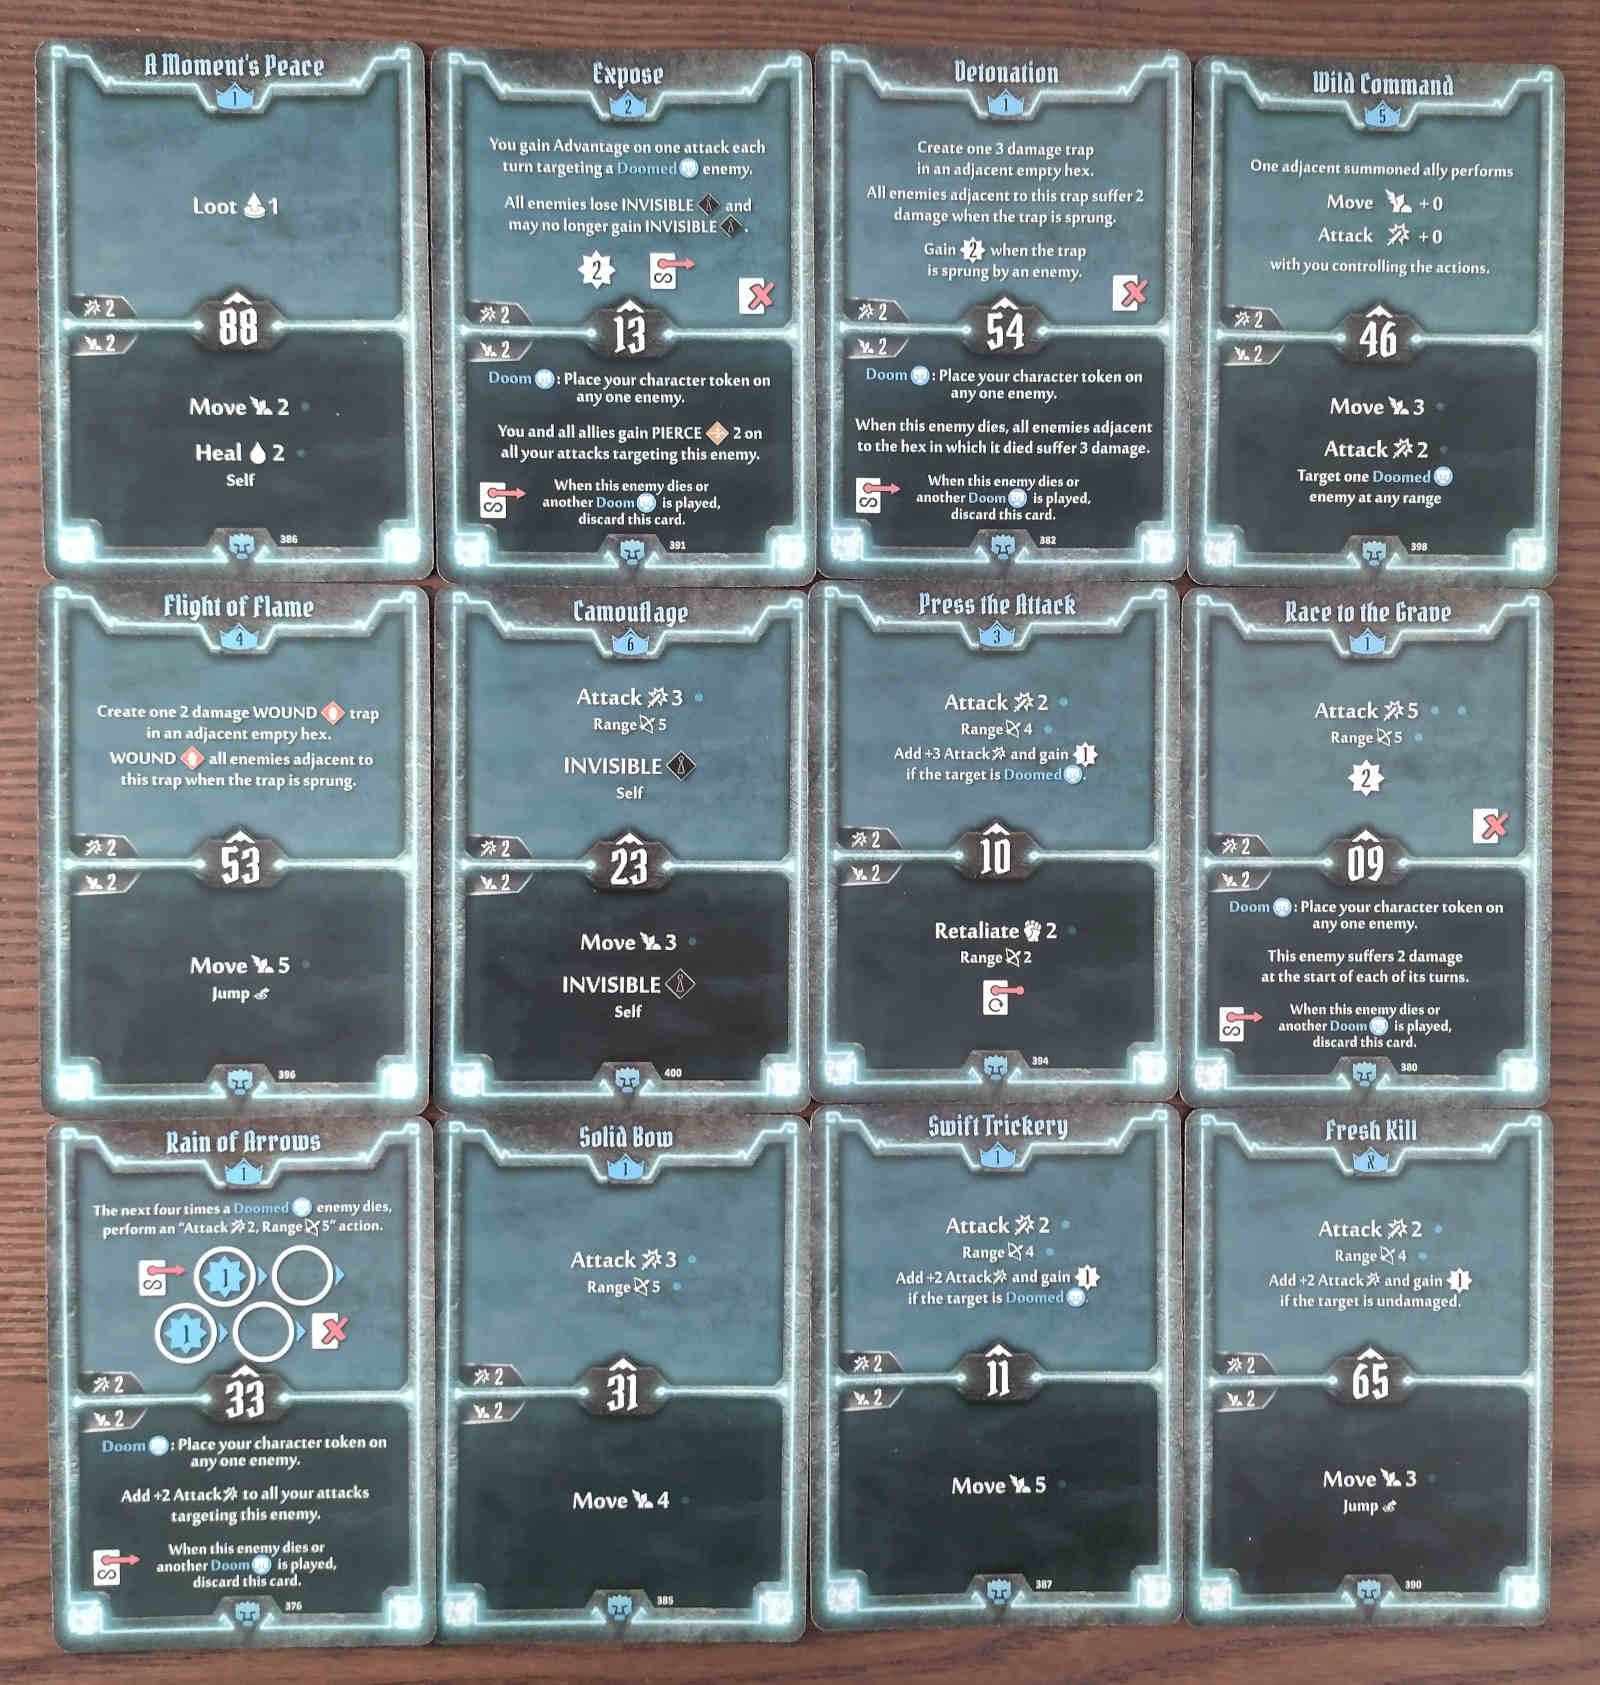 Doomstalker Expose Build level 6 deck cards